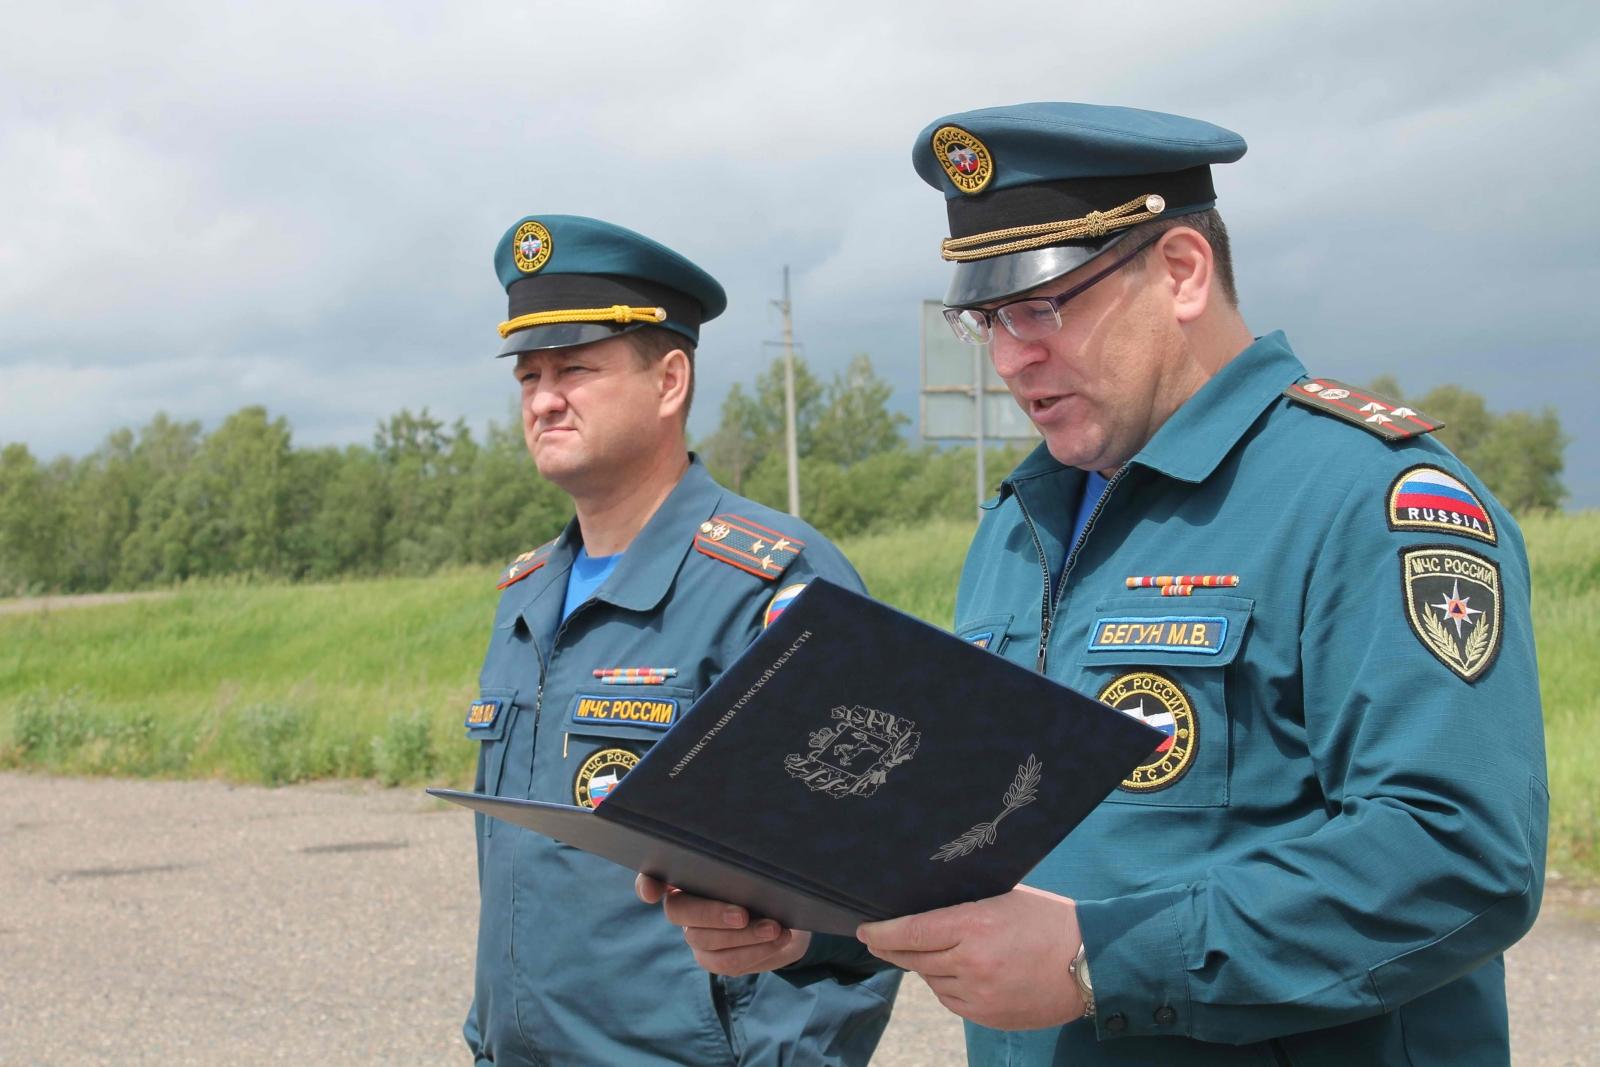 Убытие спасателей Сибирского спасательного центра МЧС России, помогавших томичам во время паводка, в место постоянной дислокации, 10 июня 2015 года